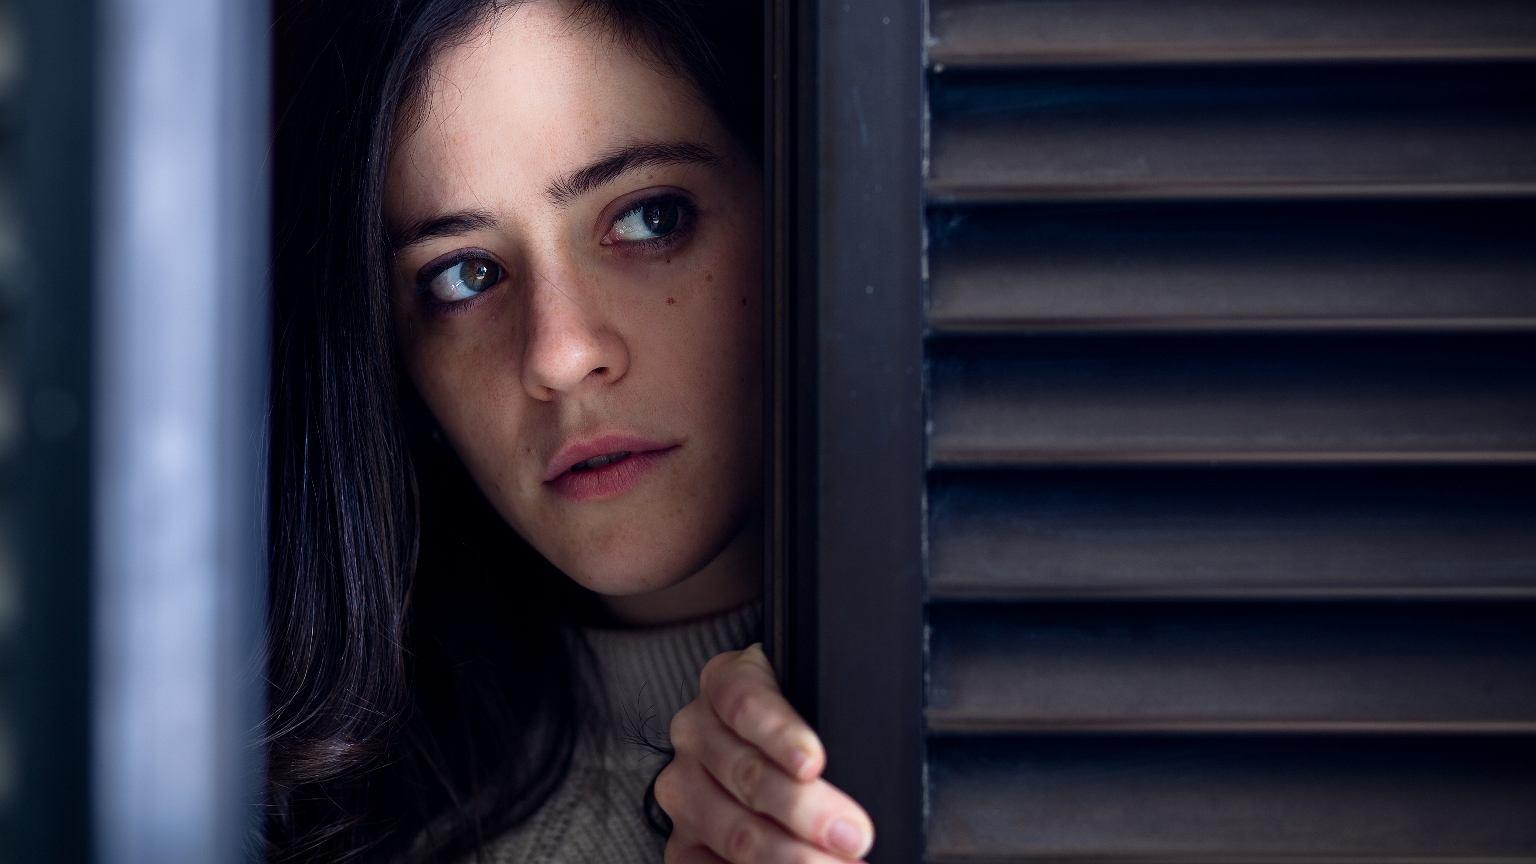 Kobiety we włoskiej mafii są często bite i zastraszane